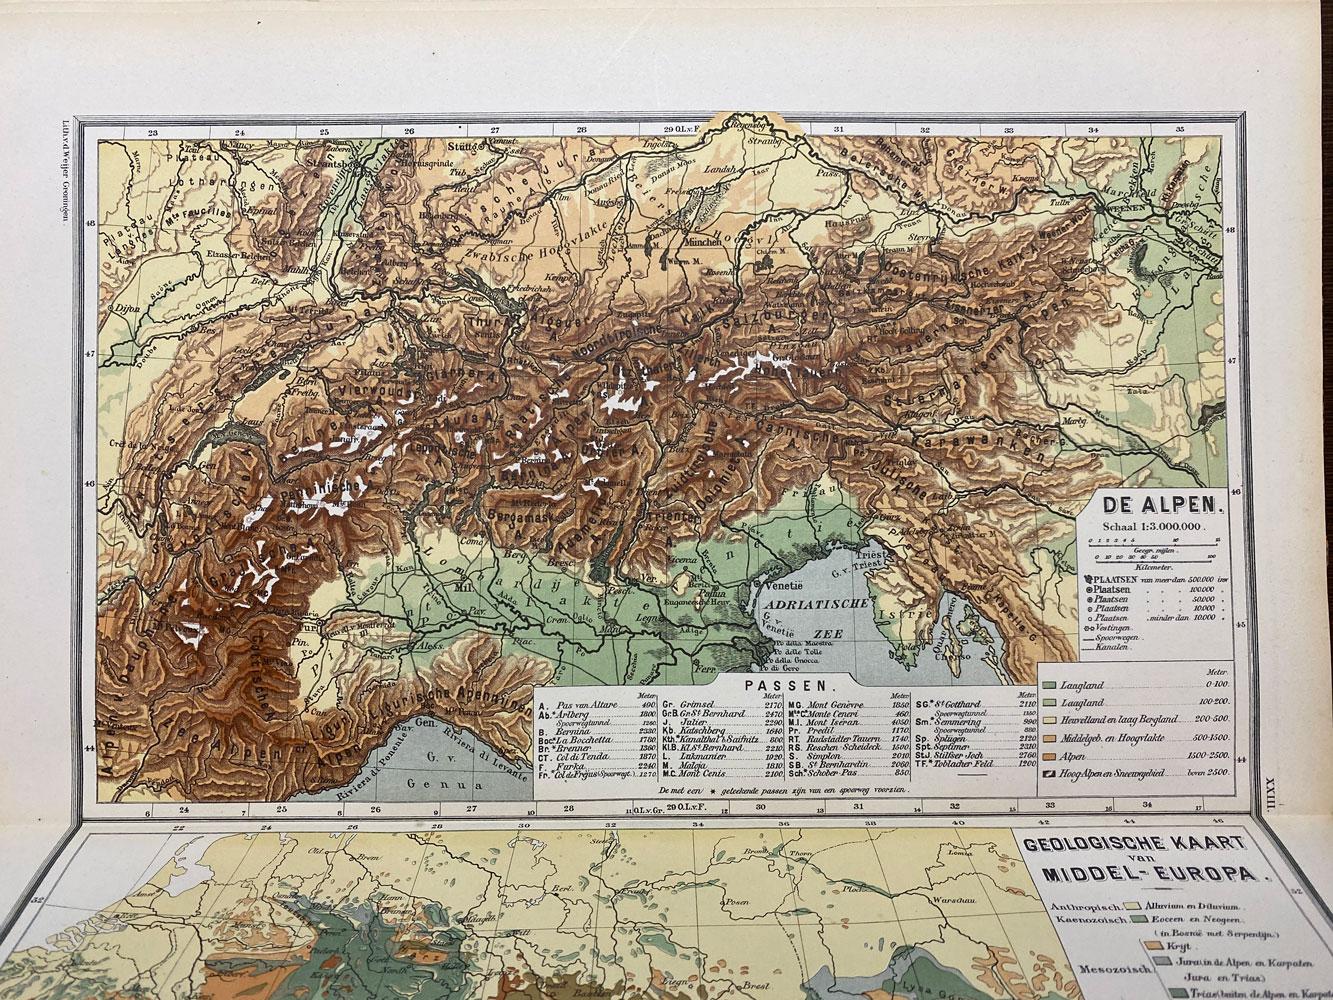 kleurenkaart van de Alpen